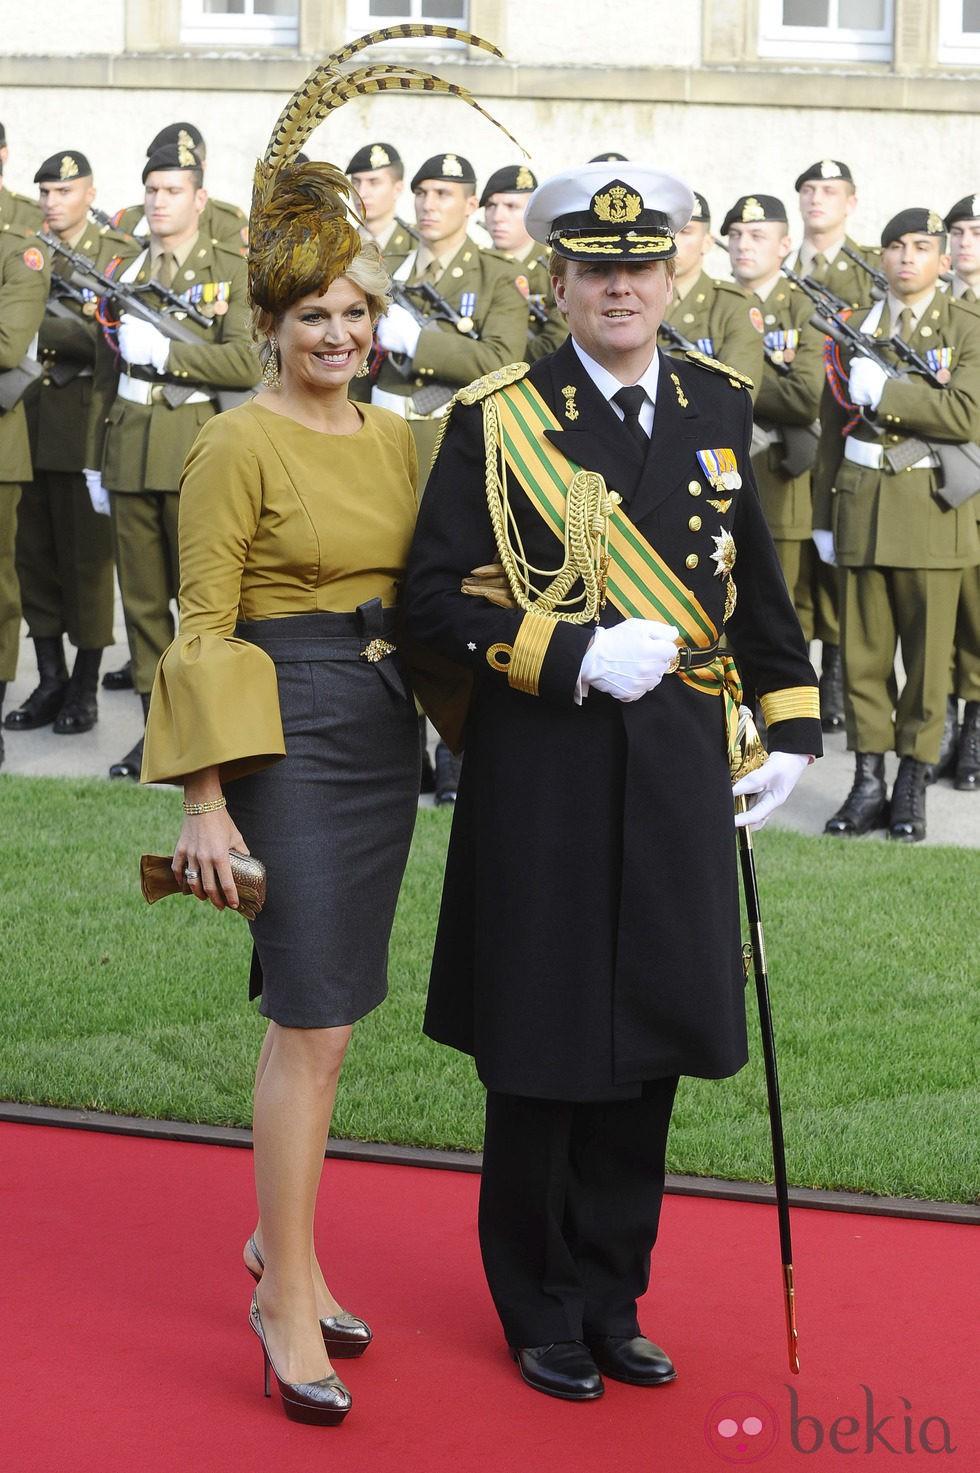 Guillermo y Máxima de Holanda en la boda de Guillermo y Stéphanie de Luxemburgo